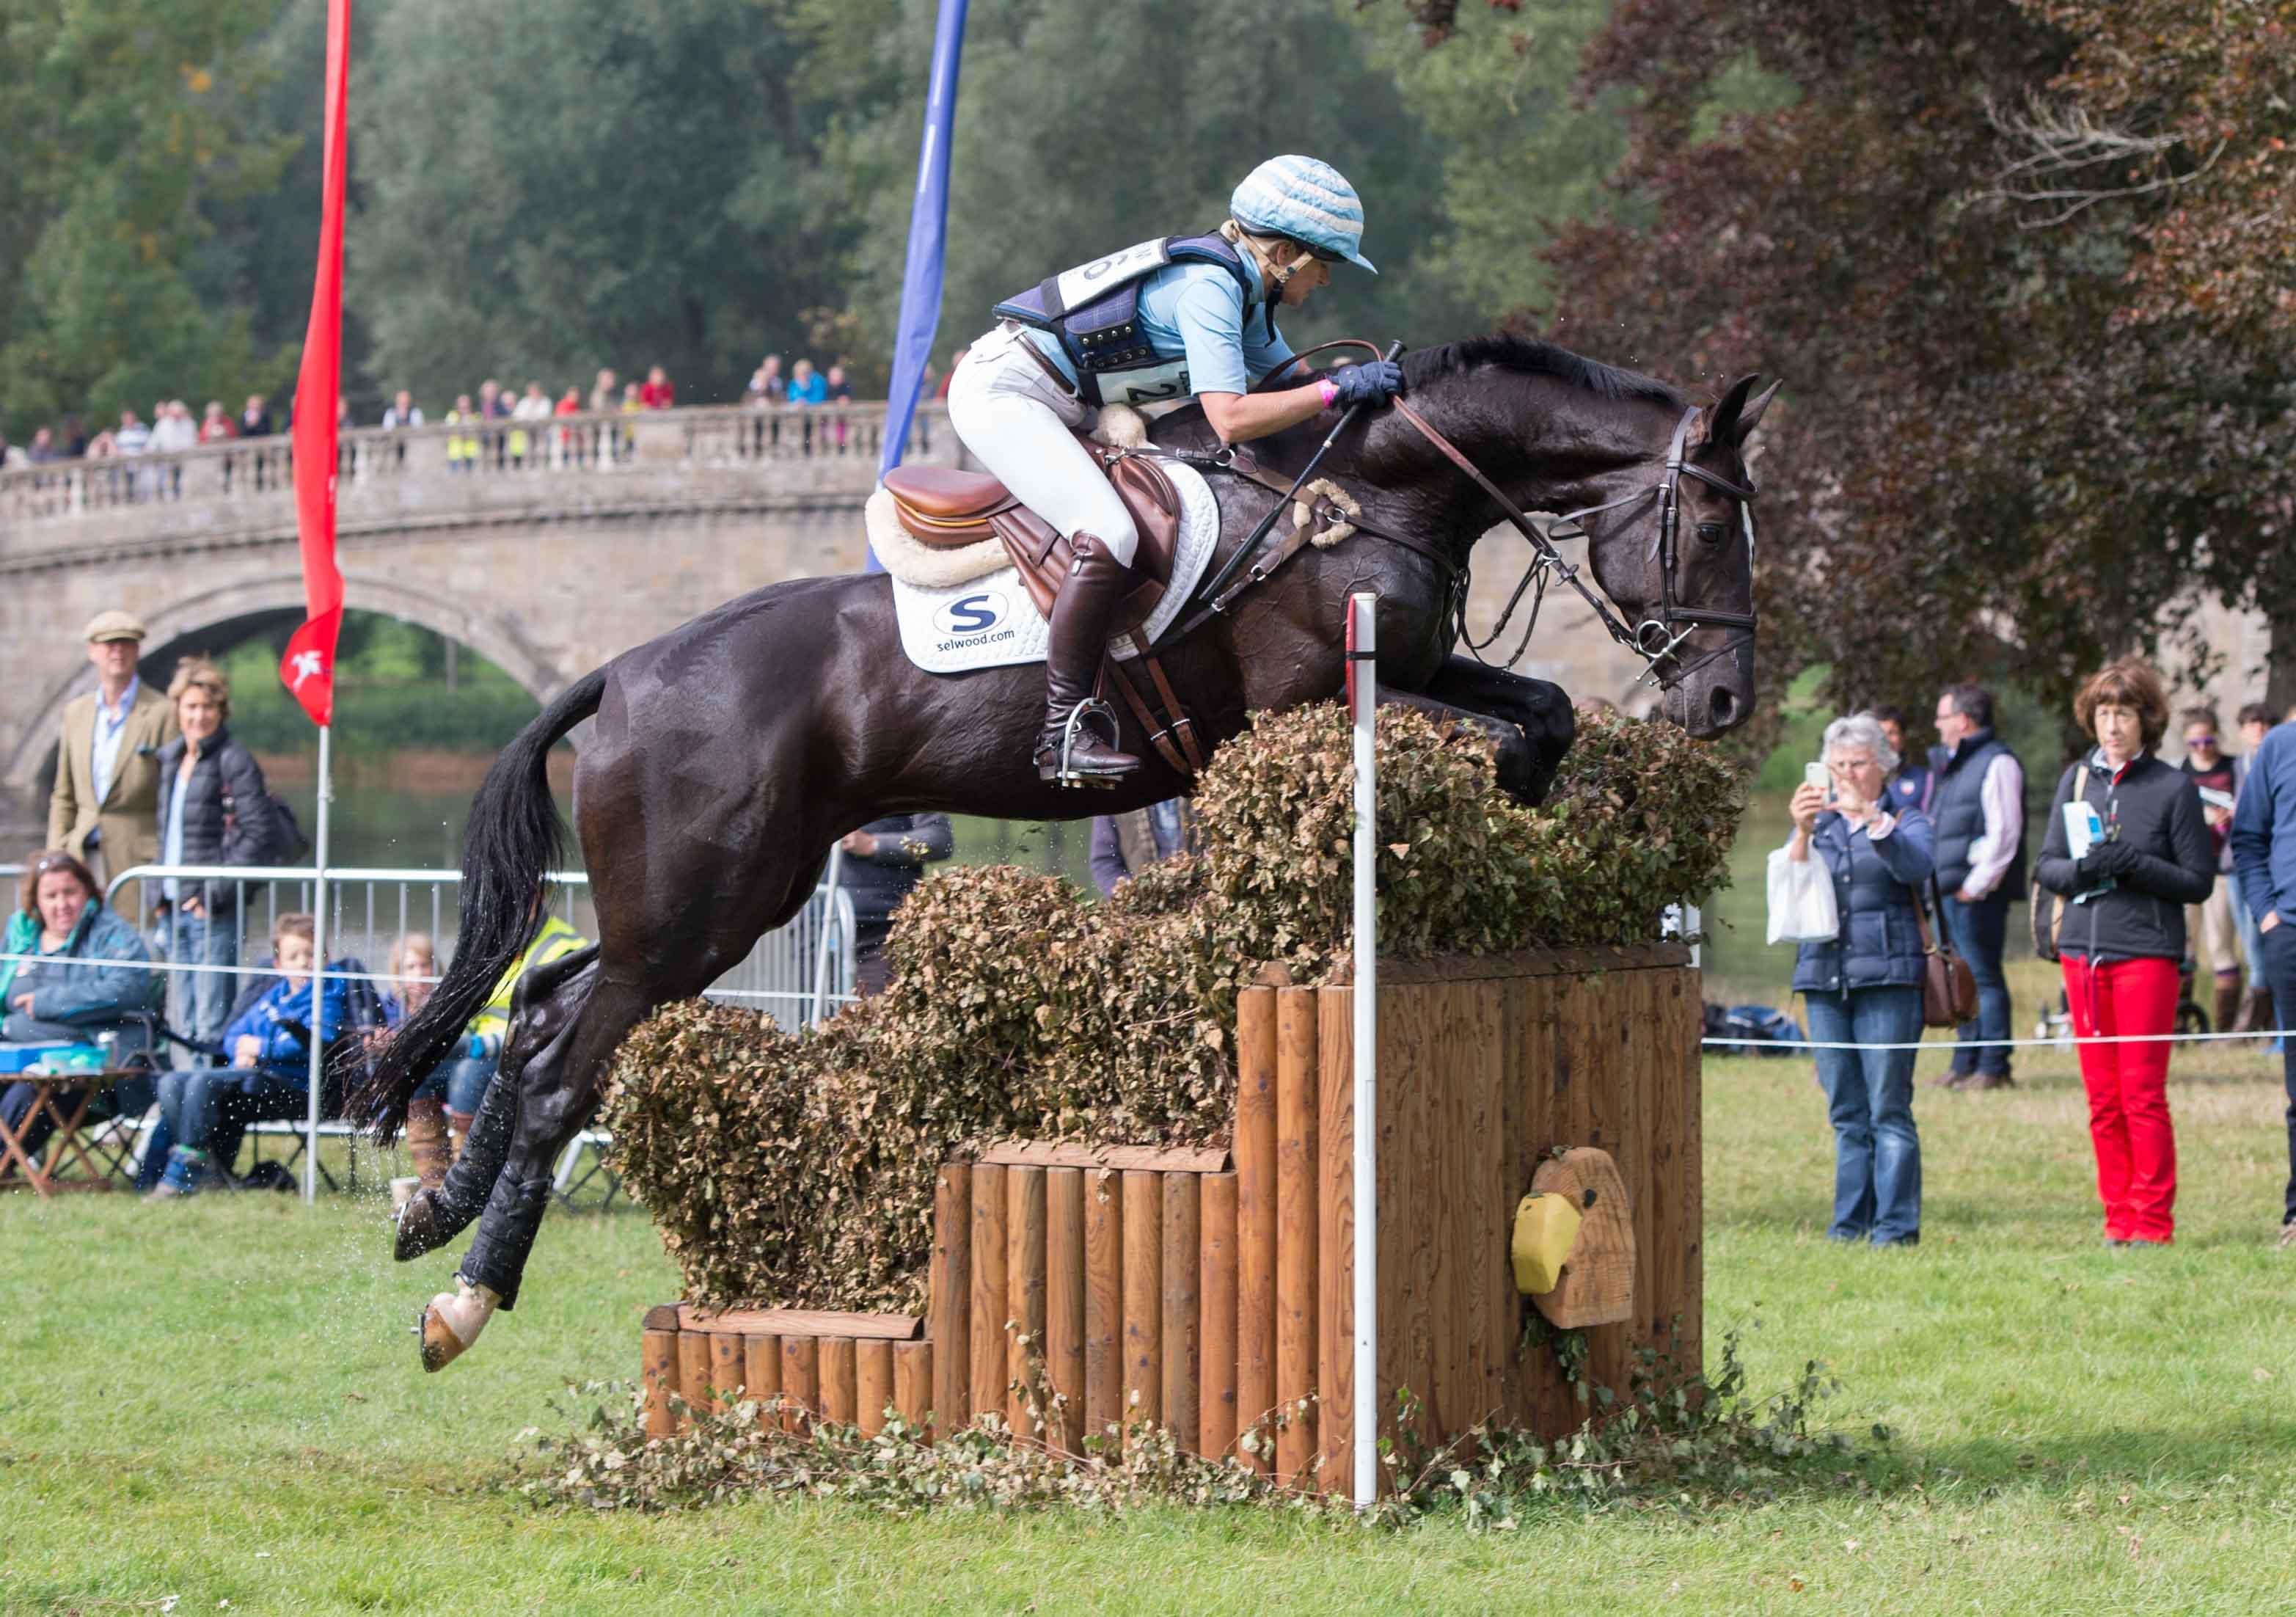 2015 CIC3* winner Jonelle © Adam Fanthorpe/Blenheim Palace International Horse Trials